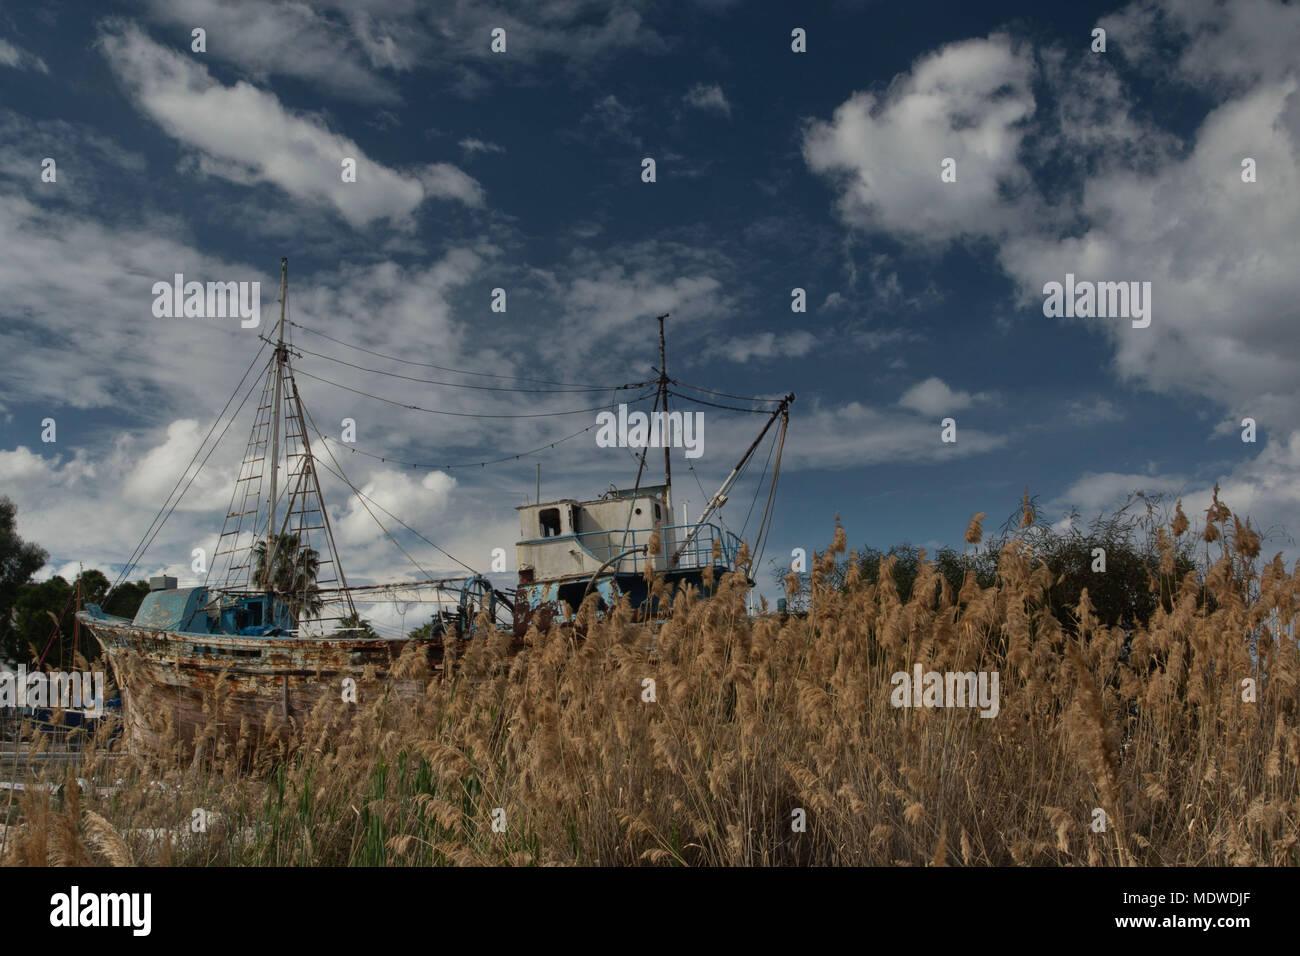 Cielo drammatico nel campo di canne e nave di legno, Polis, Cipro Immagini Stock